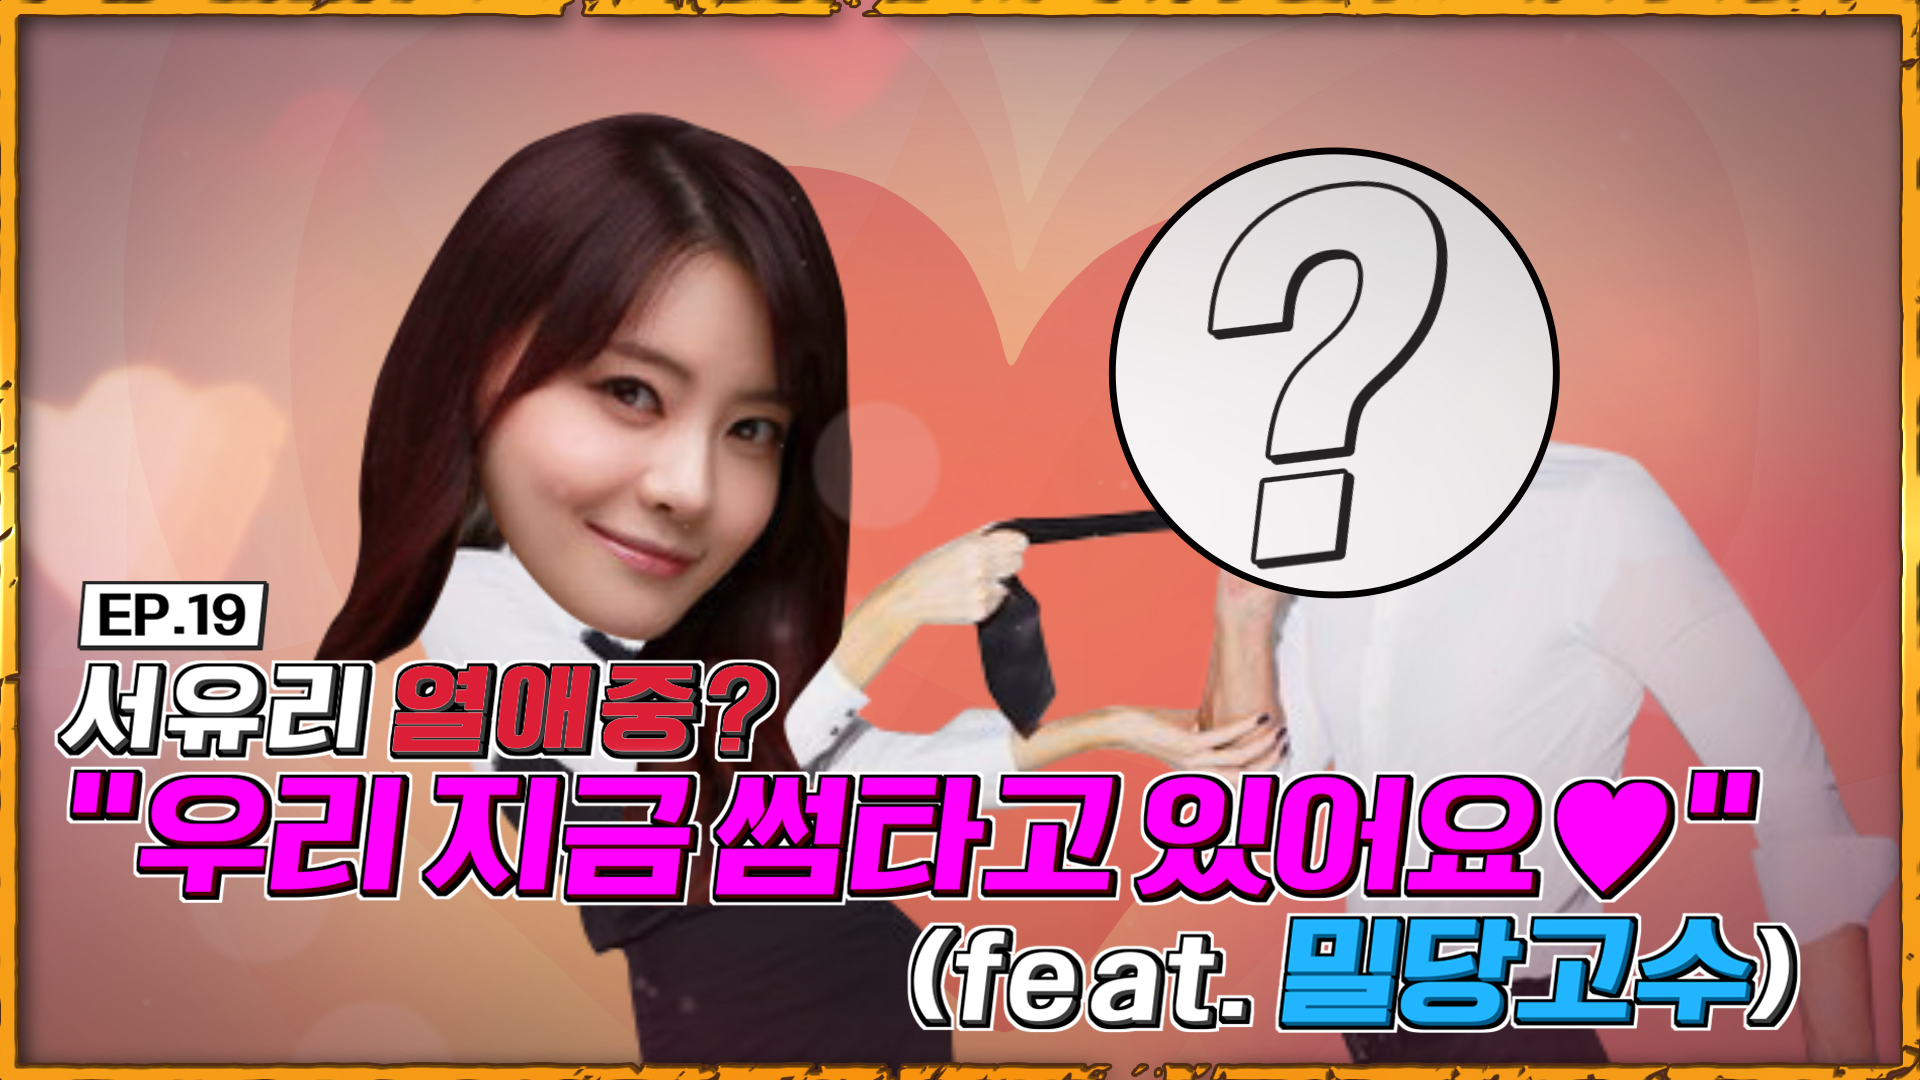 """[핵인싸동맹] EP.19 서유리 연애중?! """"우리 지금 썸타고 있어요♥"""" (feat. 밀당고수)"""